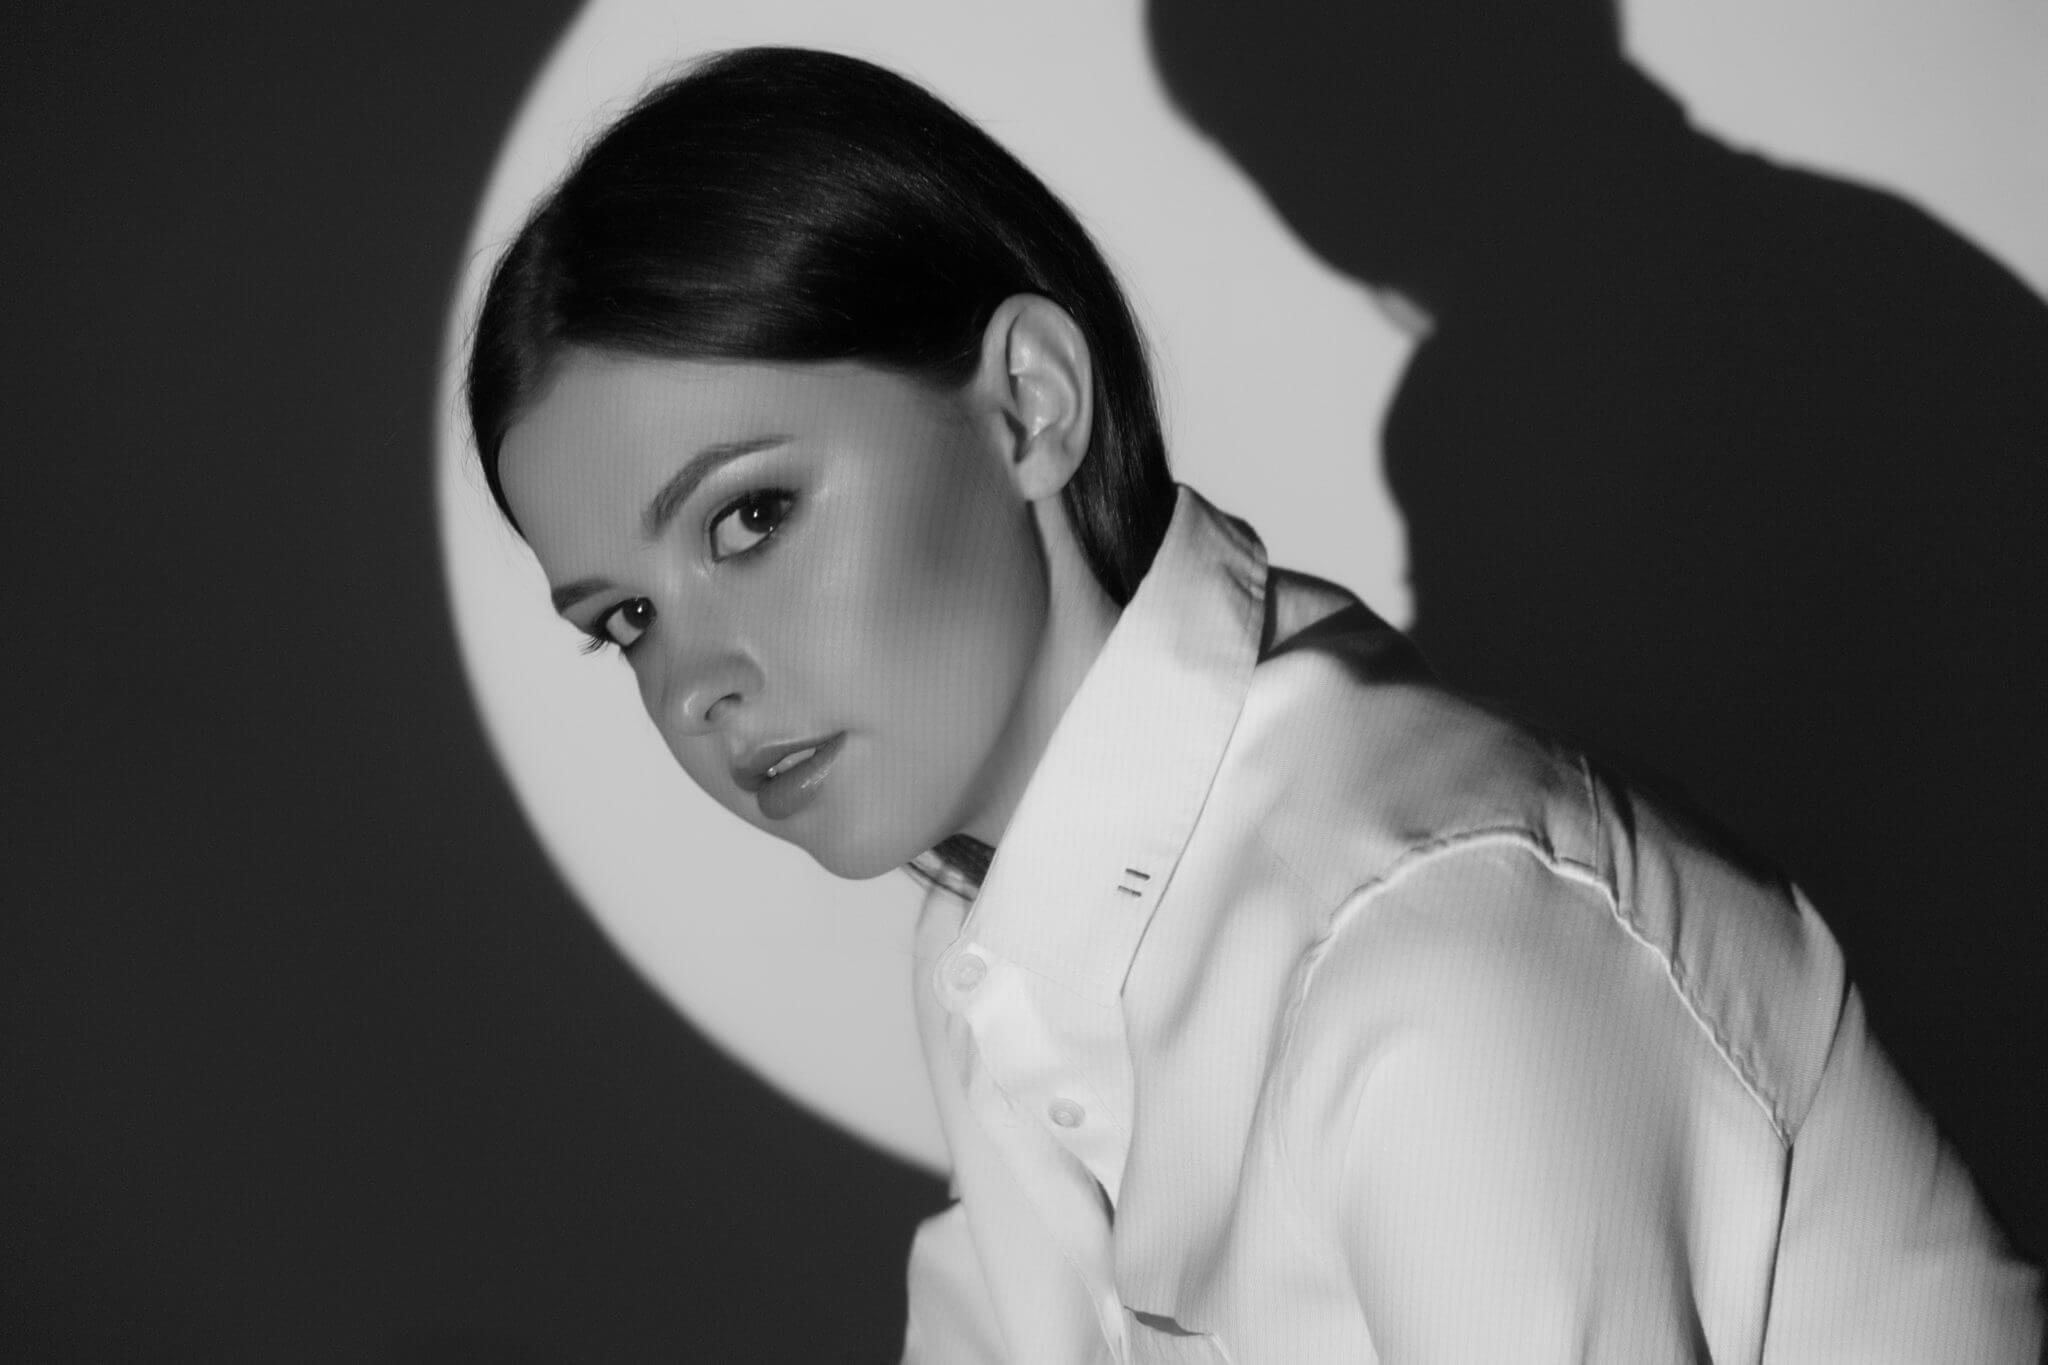 Съемка с проектором, портфолио, чб, девушка на белом фоне в белом круге